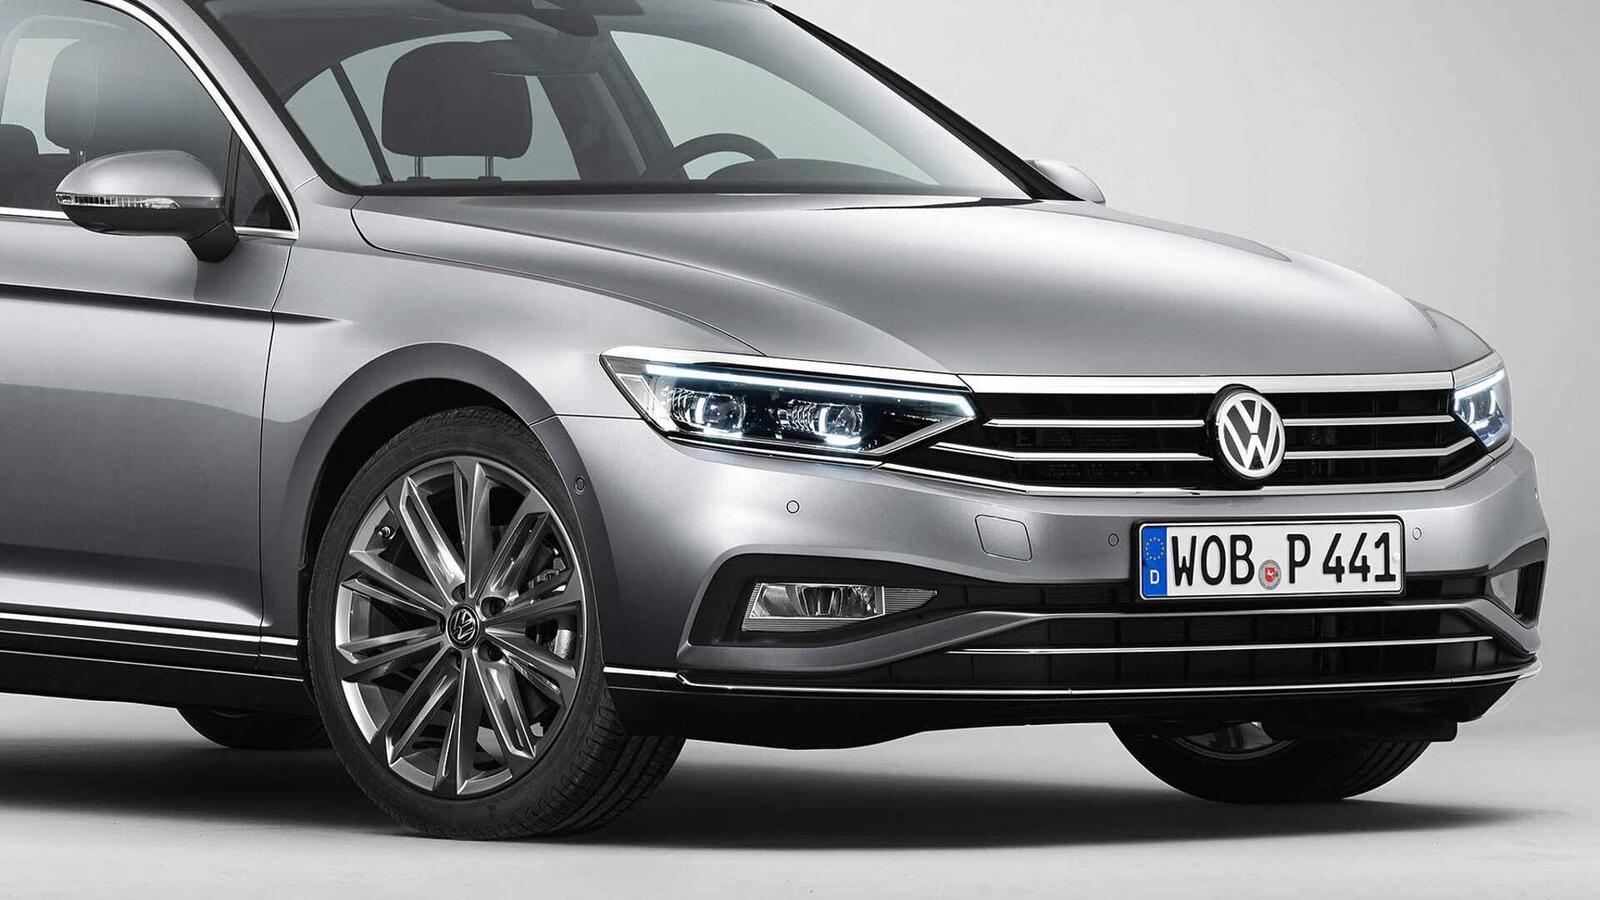 Volkswagen Passat 2020 mới phiên bản châu Âu; thêm đèn LED matrix; tương lai có thể về Việt Nam - Hình 3